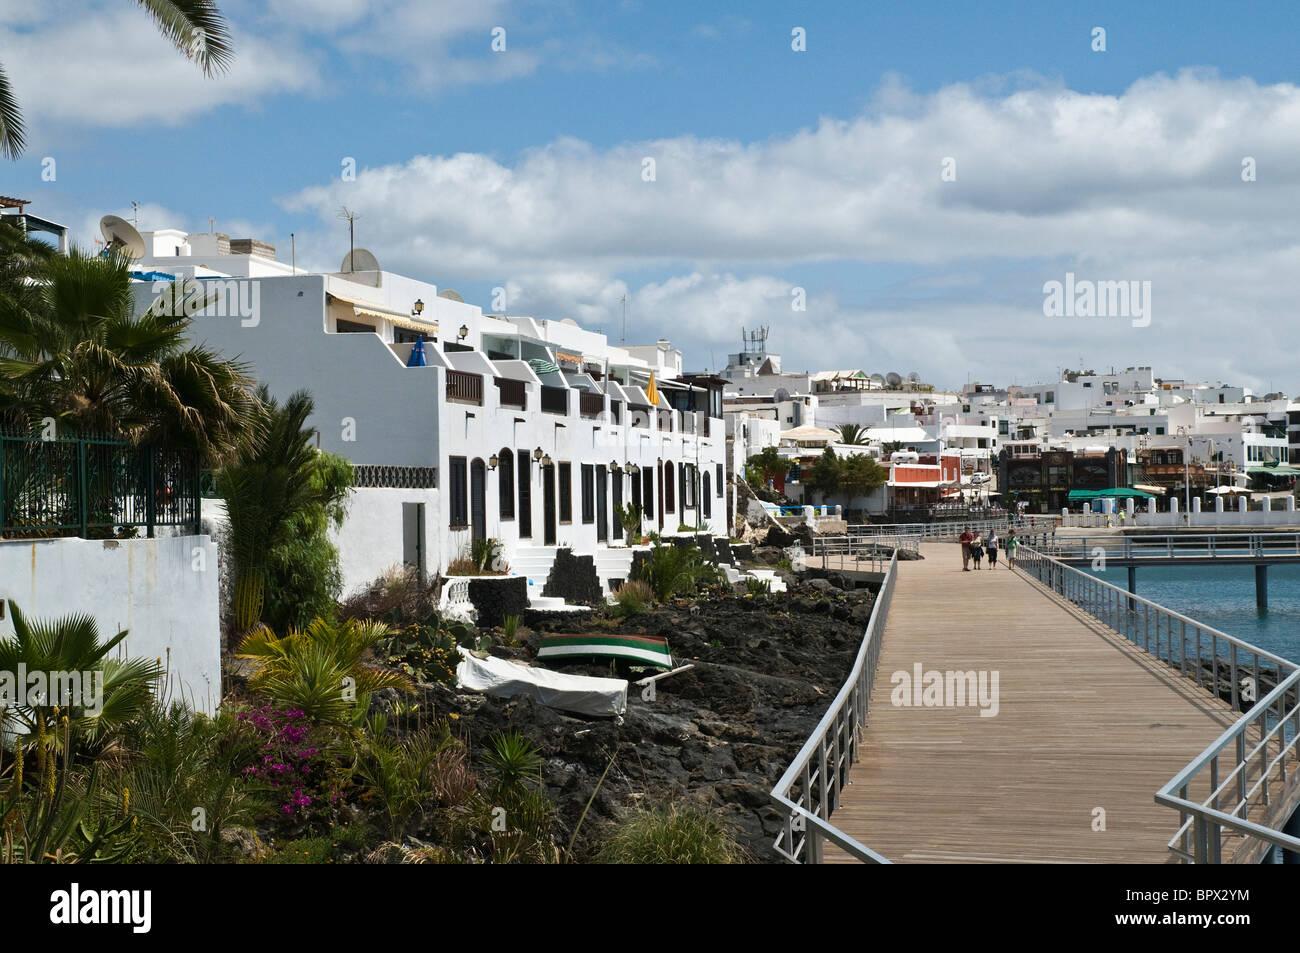 dh Puerto del Carmen habour PUERTO DEL CARMEN LANZAROTE People Stock Photo, R...